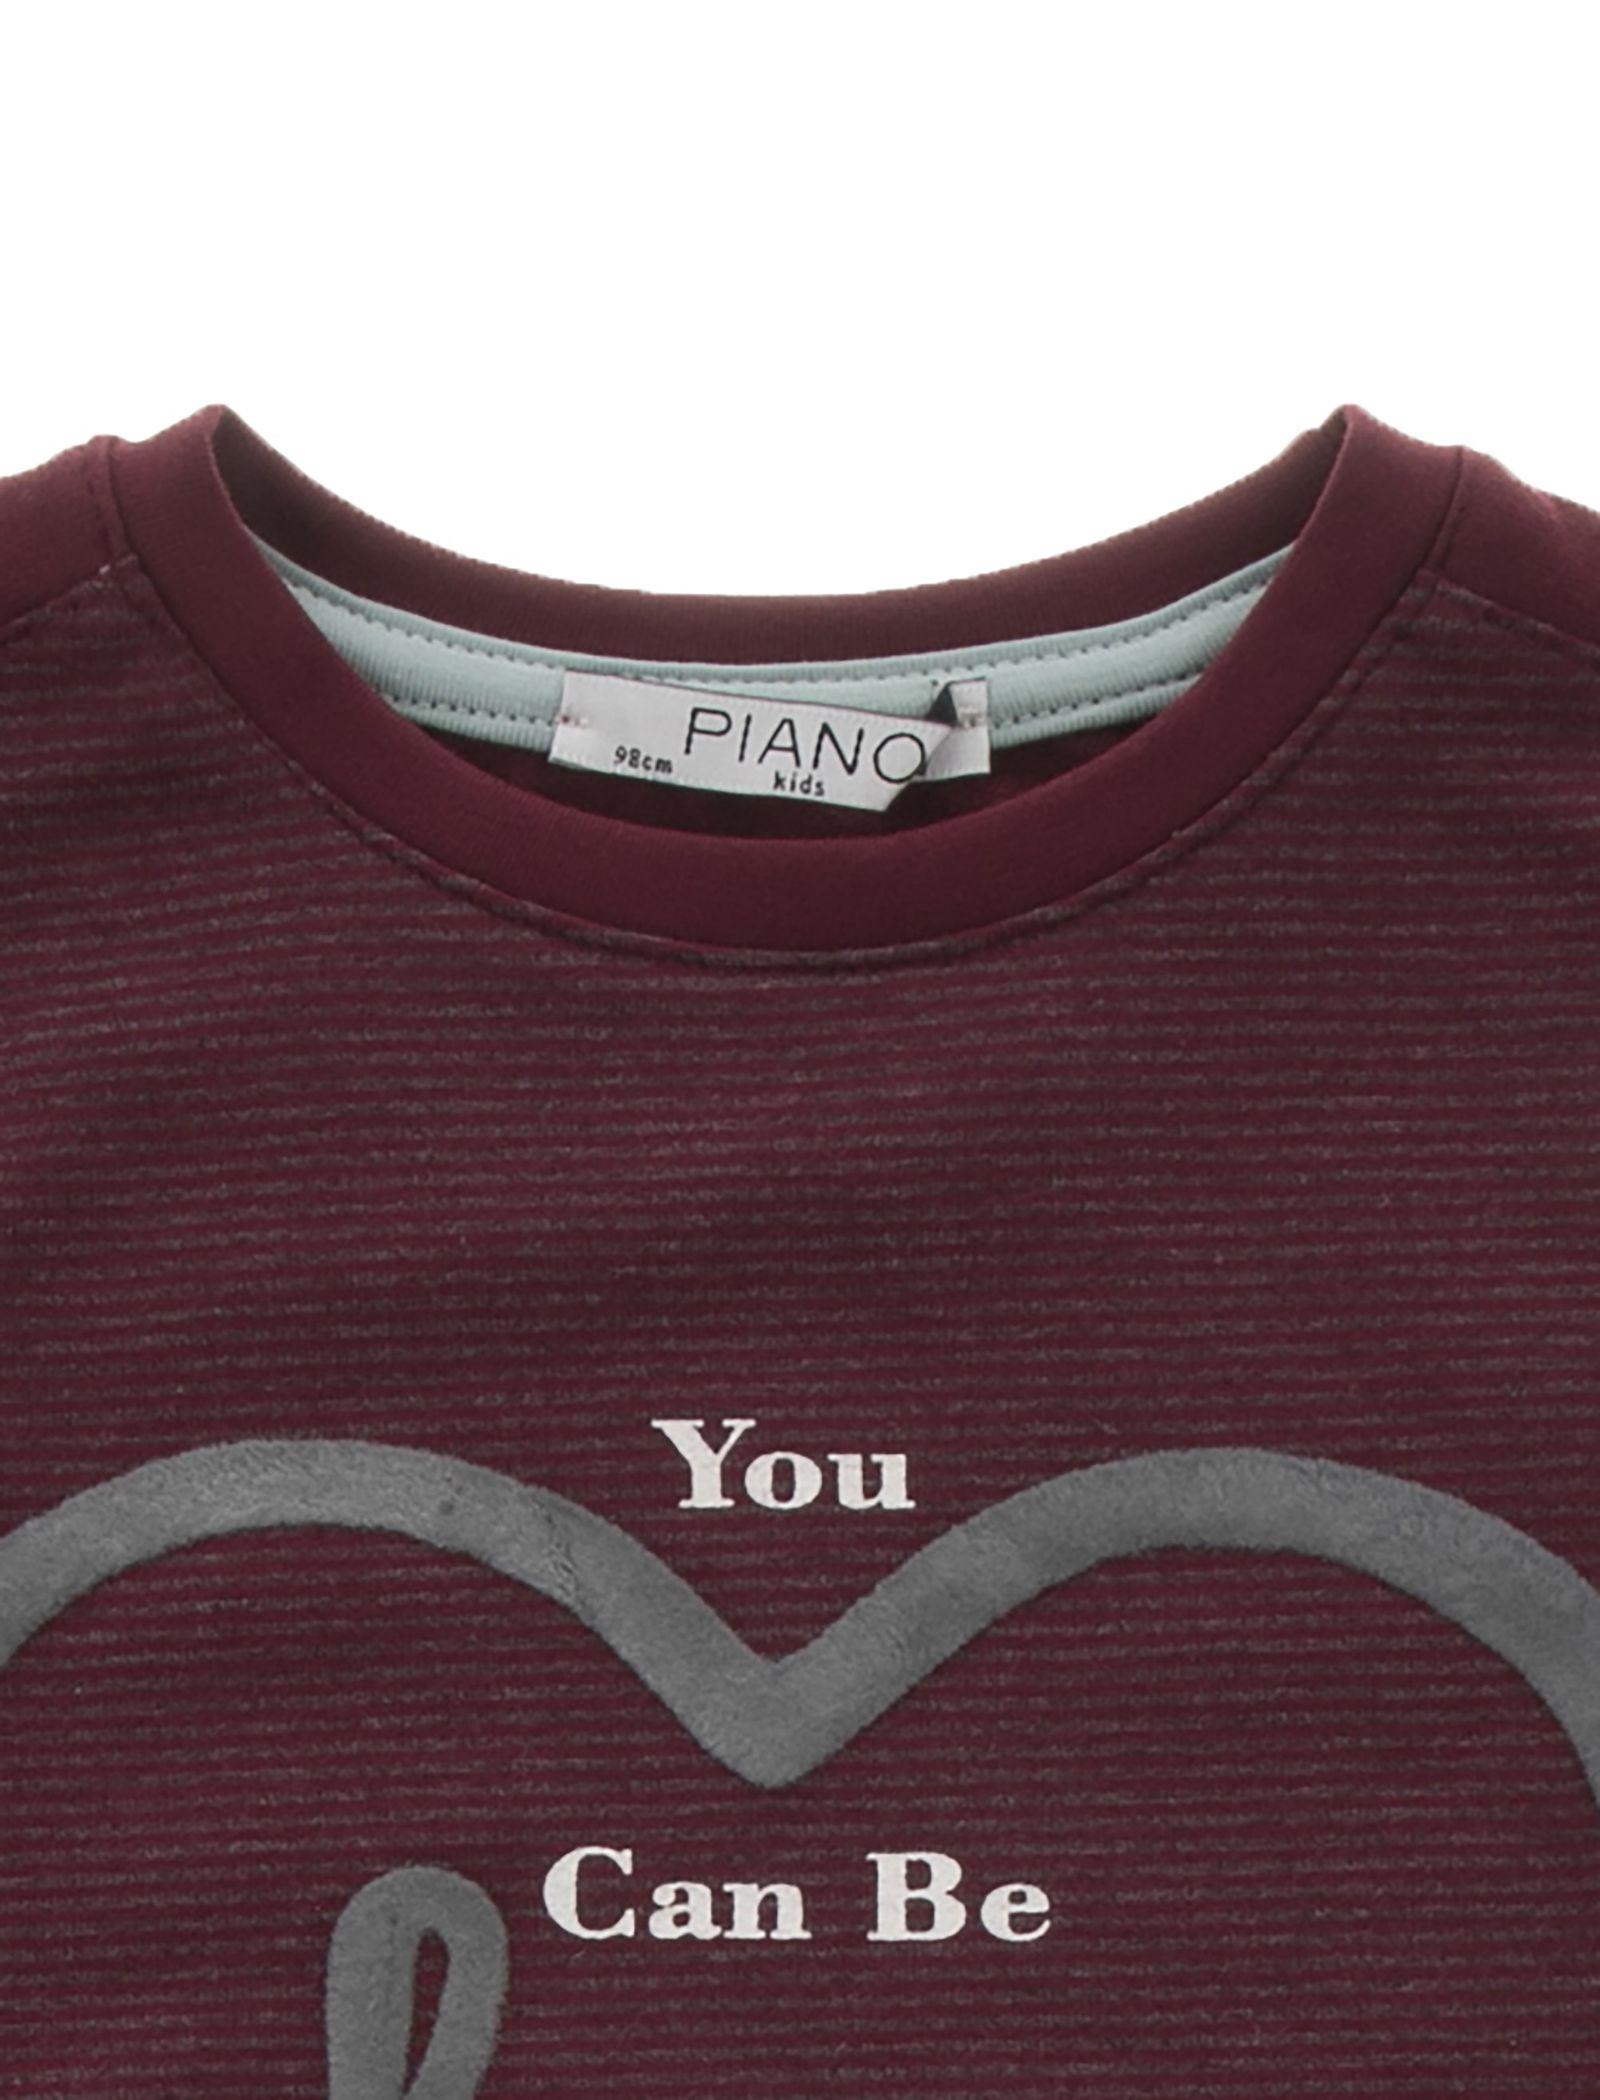 تی شرت و شلوار نخی دخترانه - پیانو - زرشکي - 6